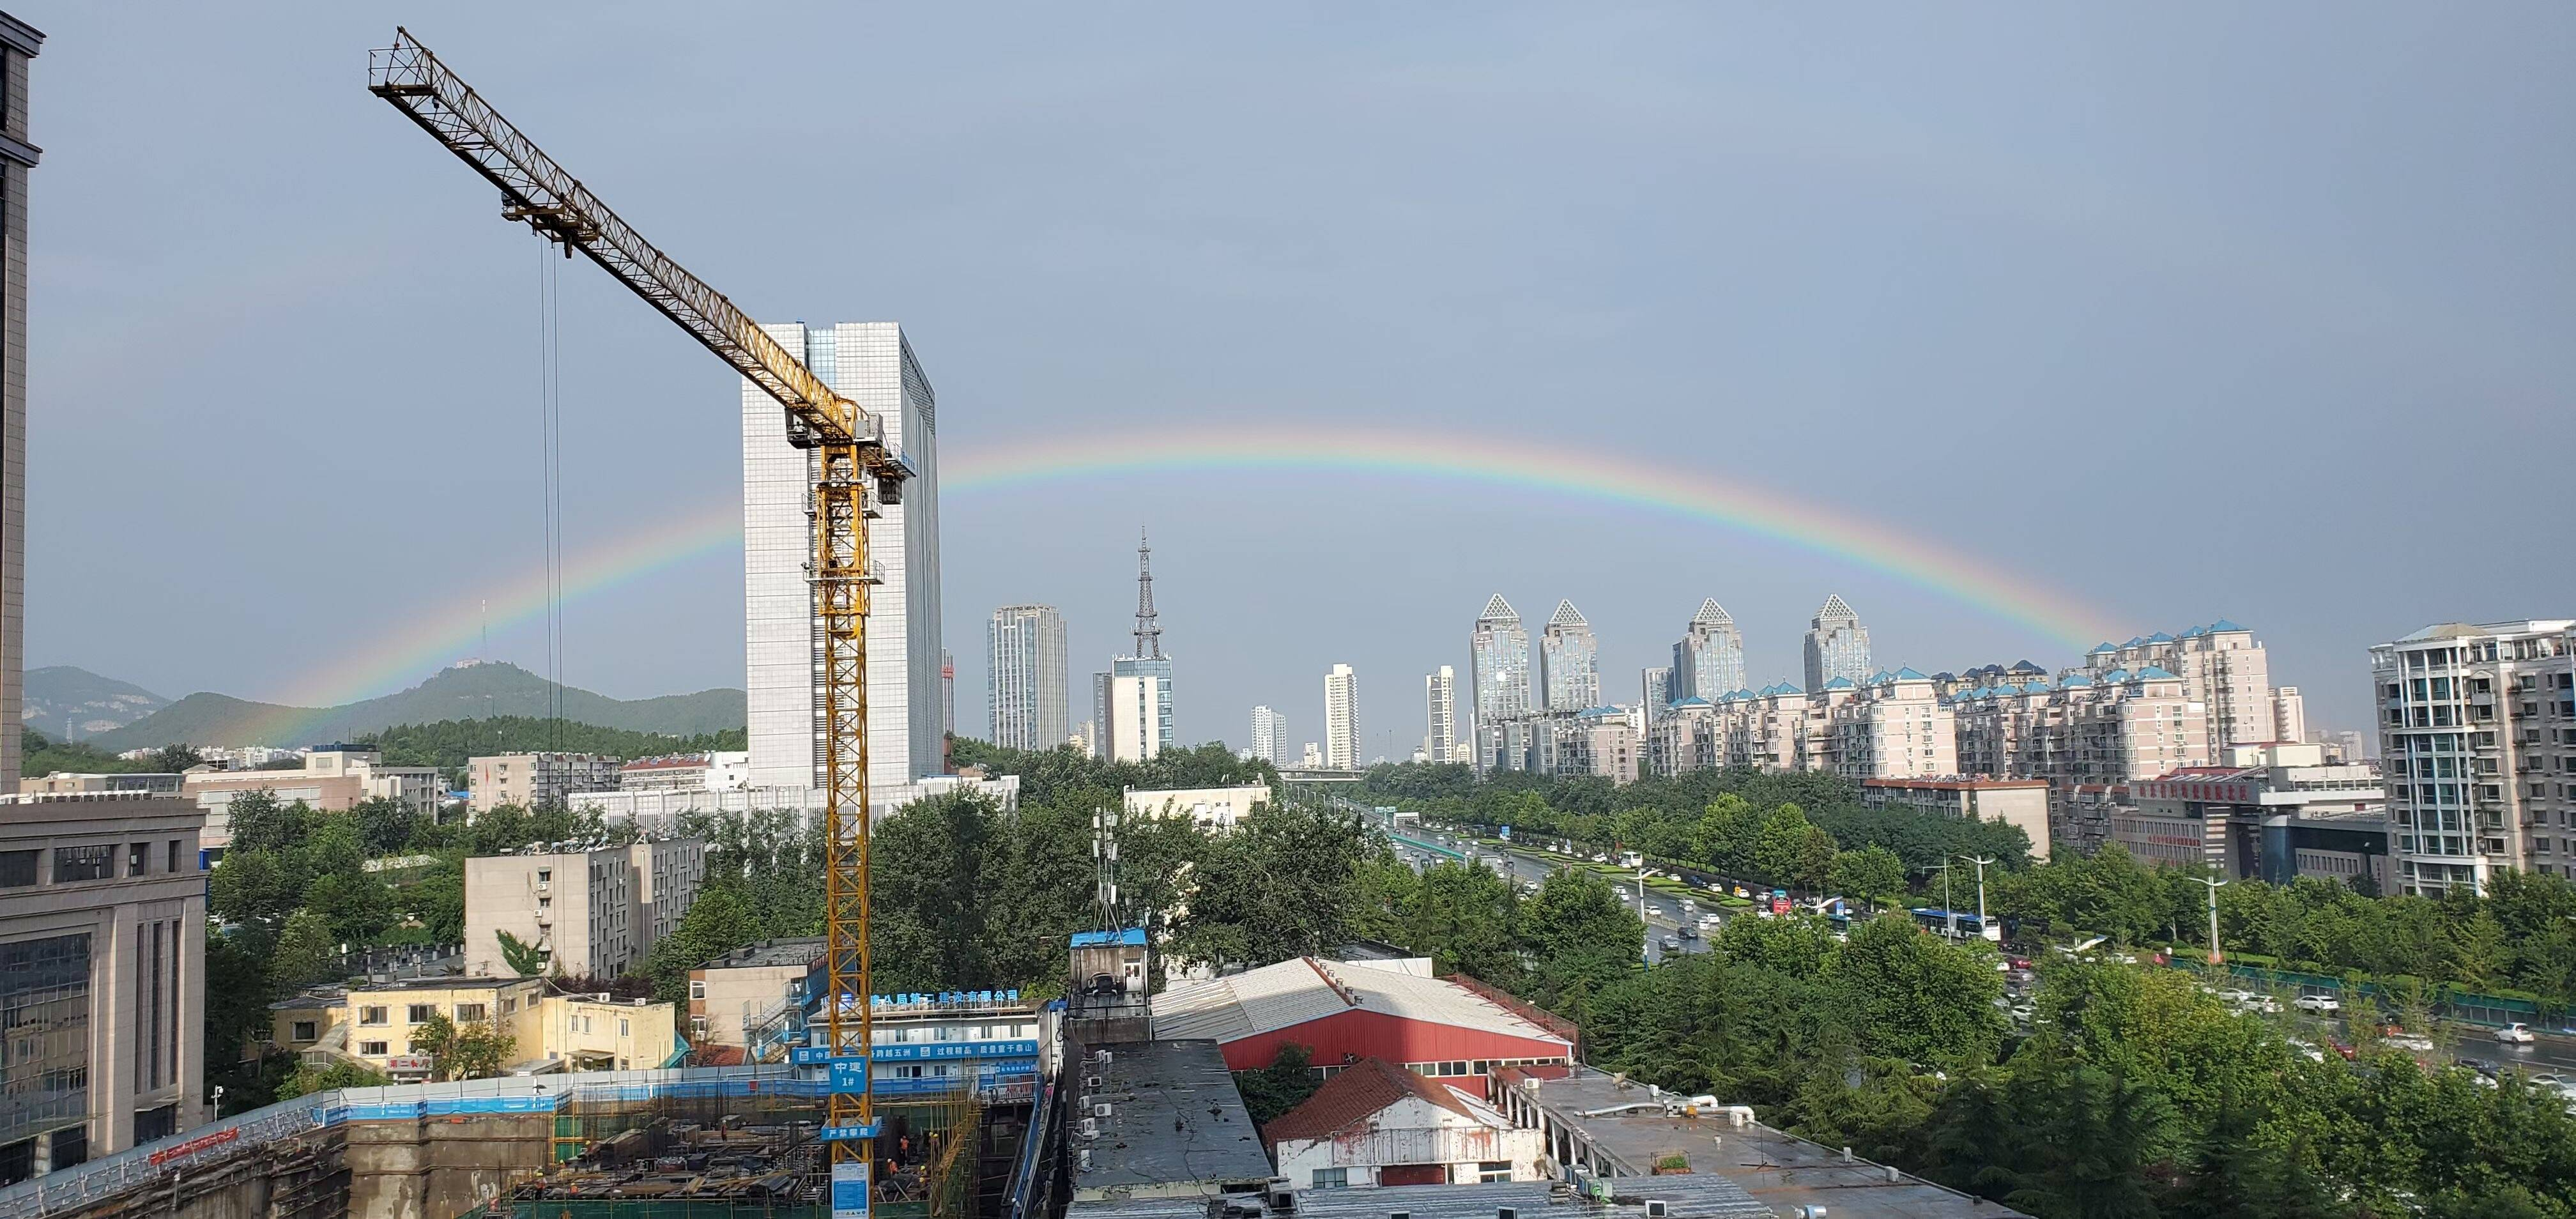 今晨济南雨后现彩虹 刷爆朋友圈